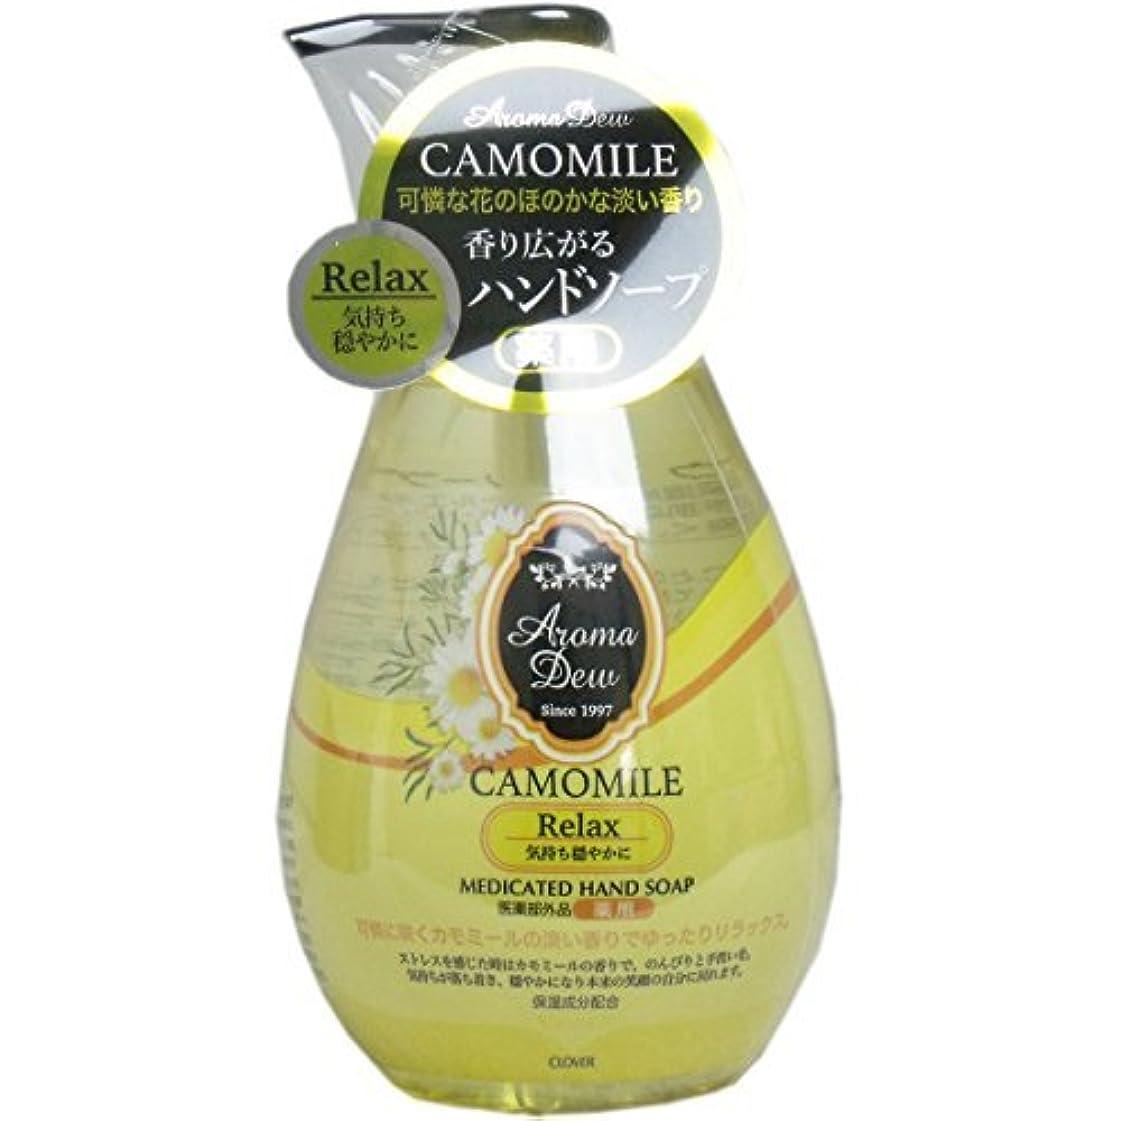 危険親愛な危険薬用アロマデュウ ハンドソープ カモミールの香り 260mL